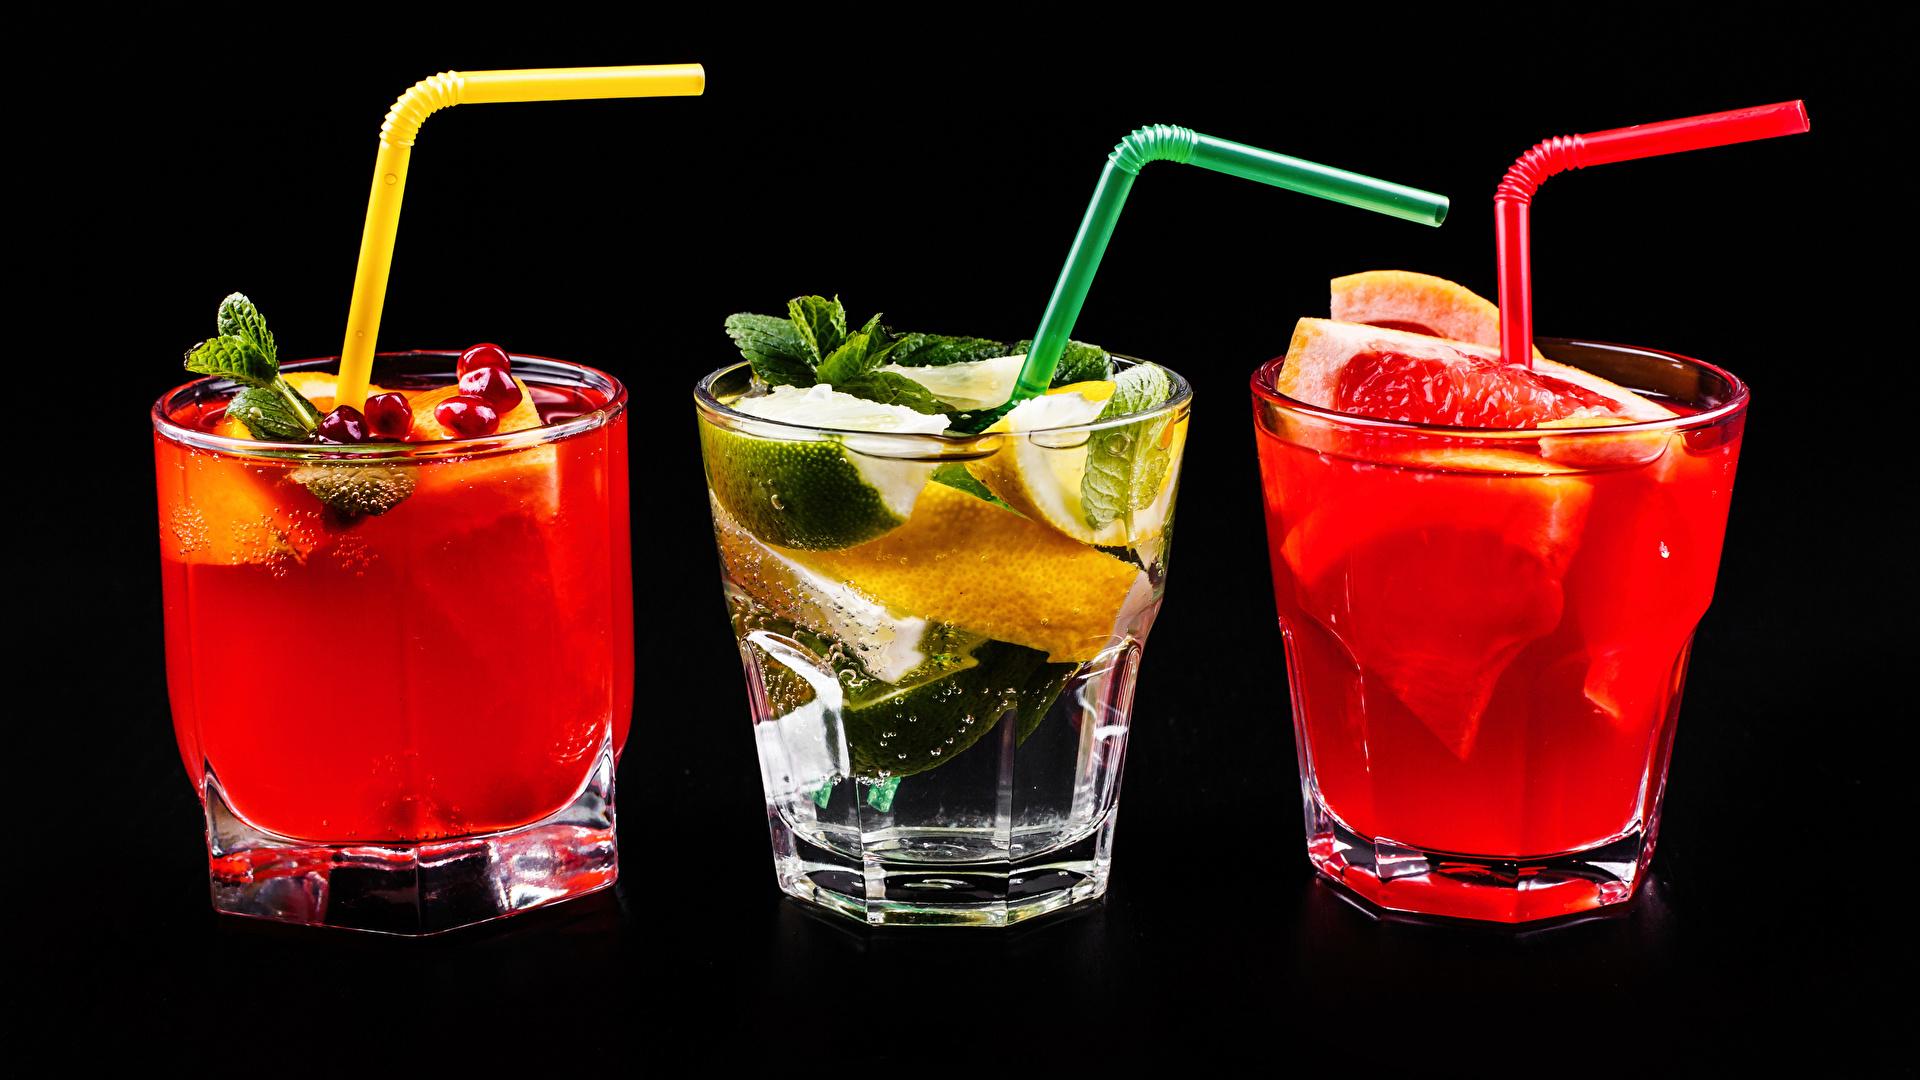 Картинки Алкогольные напитки стакана Еда три рюмки Коктейль Цитрусовые на черном фоне 1920x1080 Стакан стакане Пища Рюмка Трое 3 втроем Продукты питания Черный фон